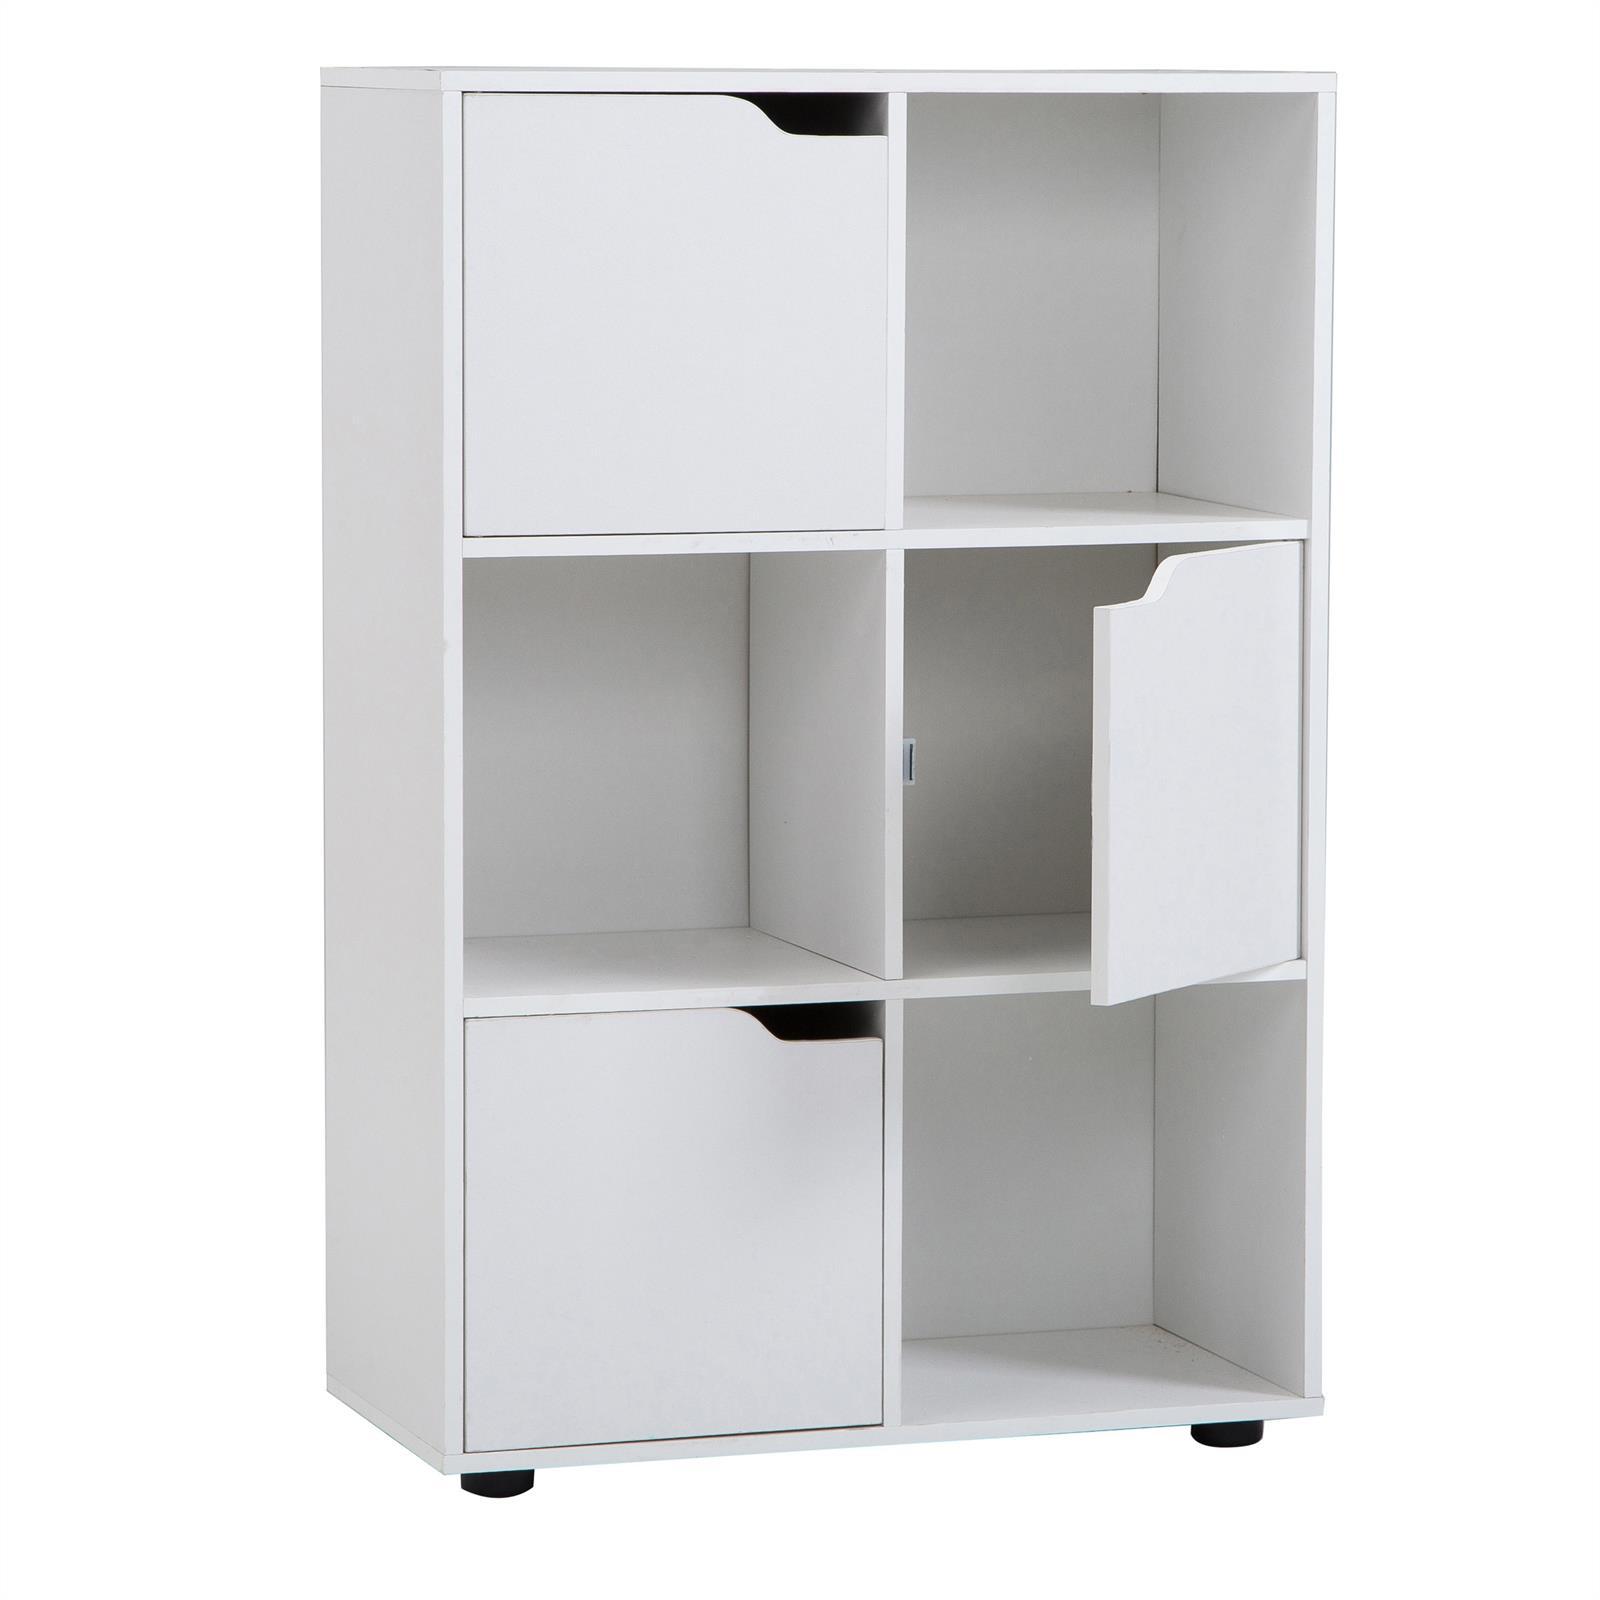 biblioth que vermont rangement 6 casiers blanc mat mobil meubles. Black Bedroom Furniture Sets. Home Design Ideas